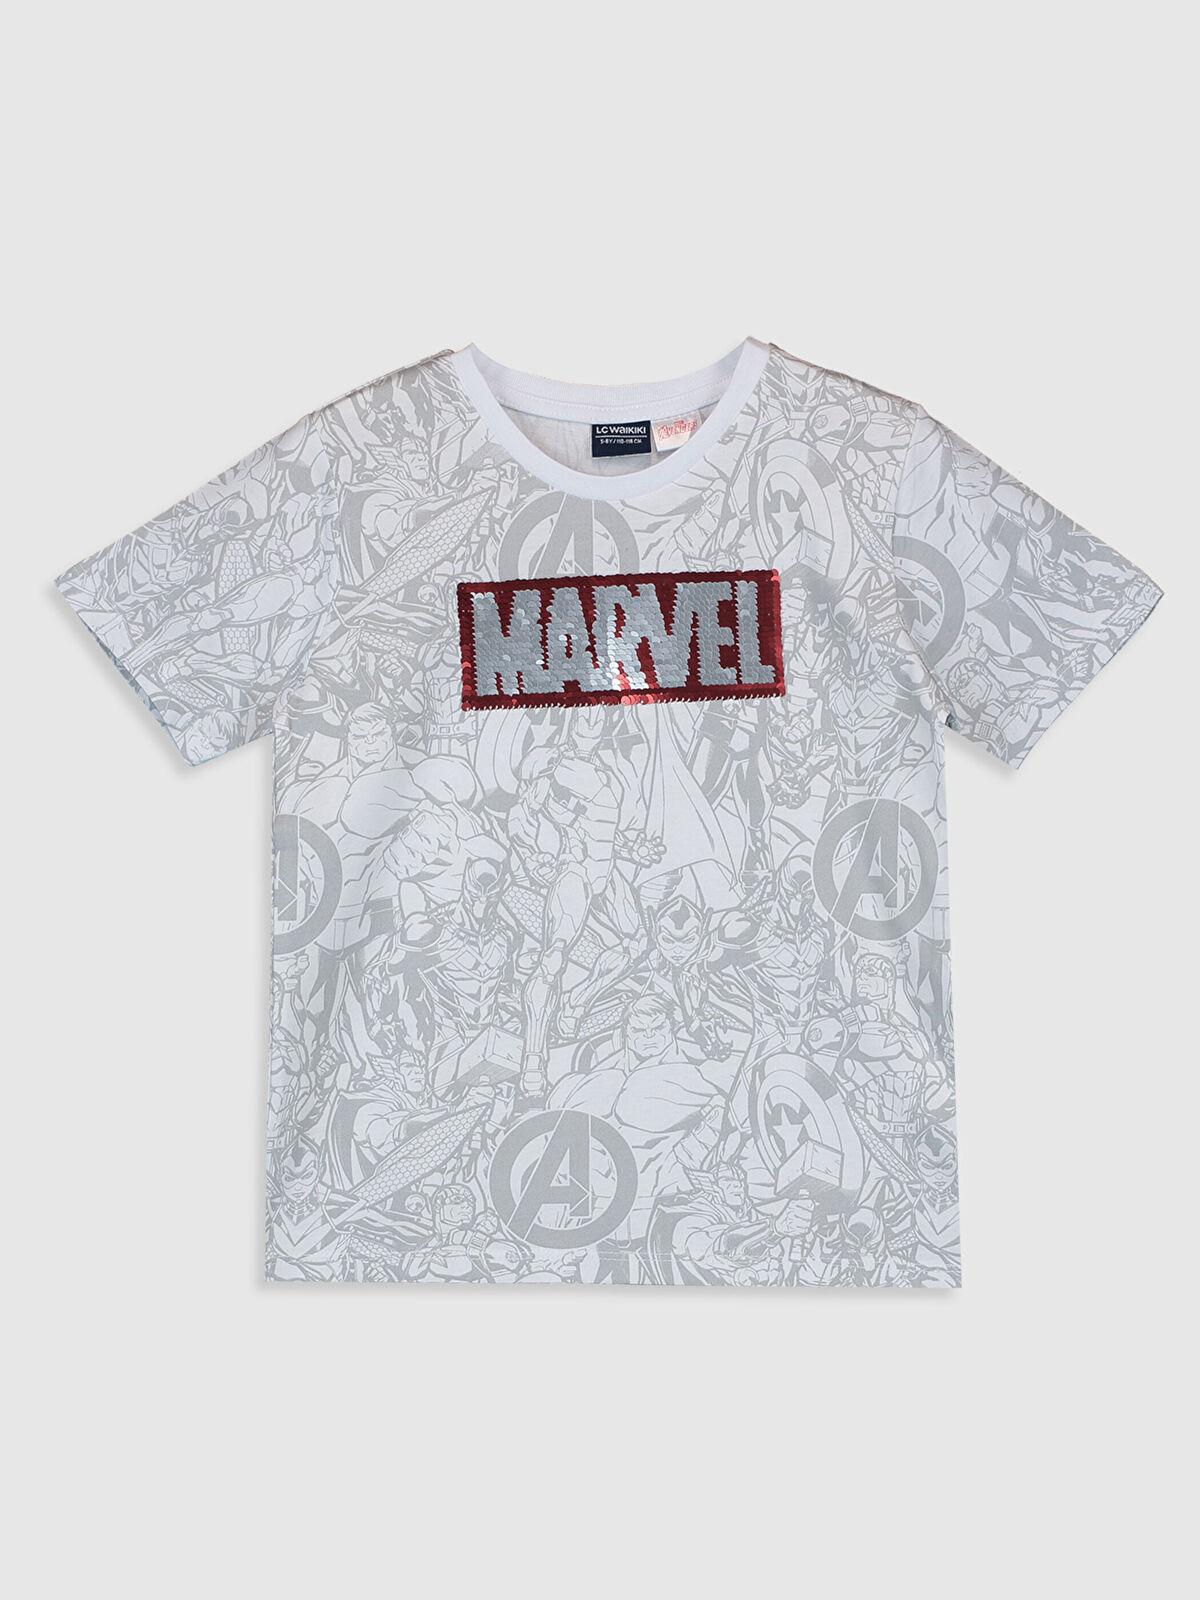 Erkek Çocuk Çift Yönlü Payetli Marvel Tişört - LC WAIKIKI